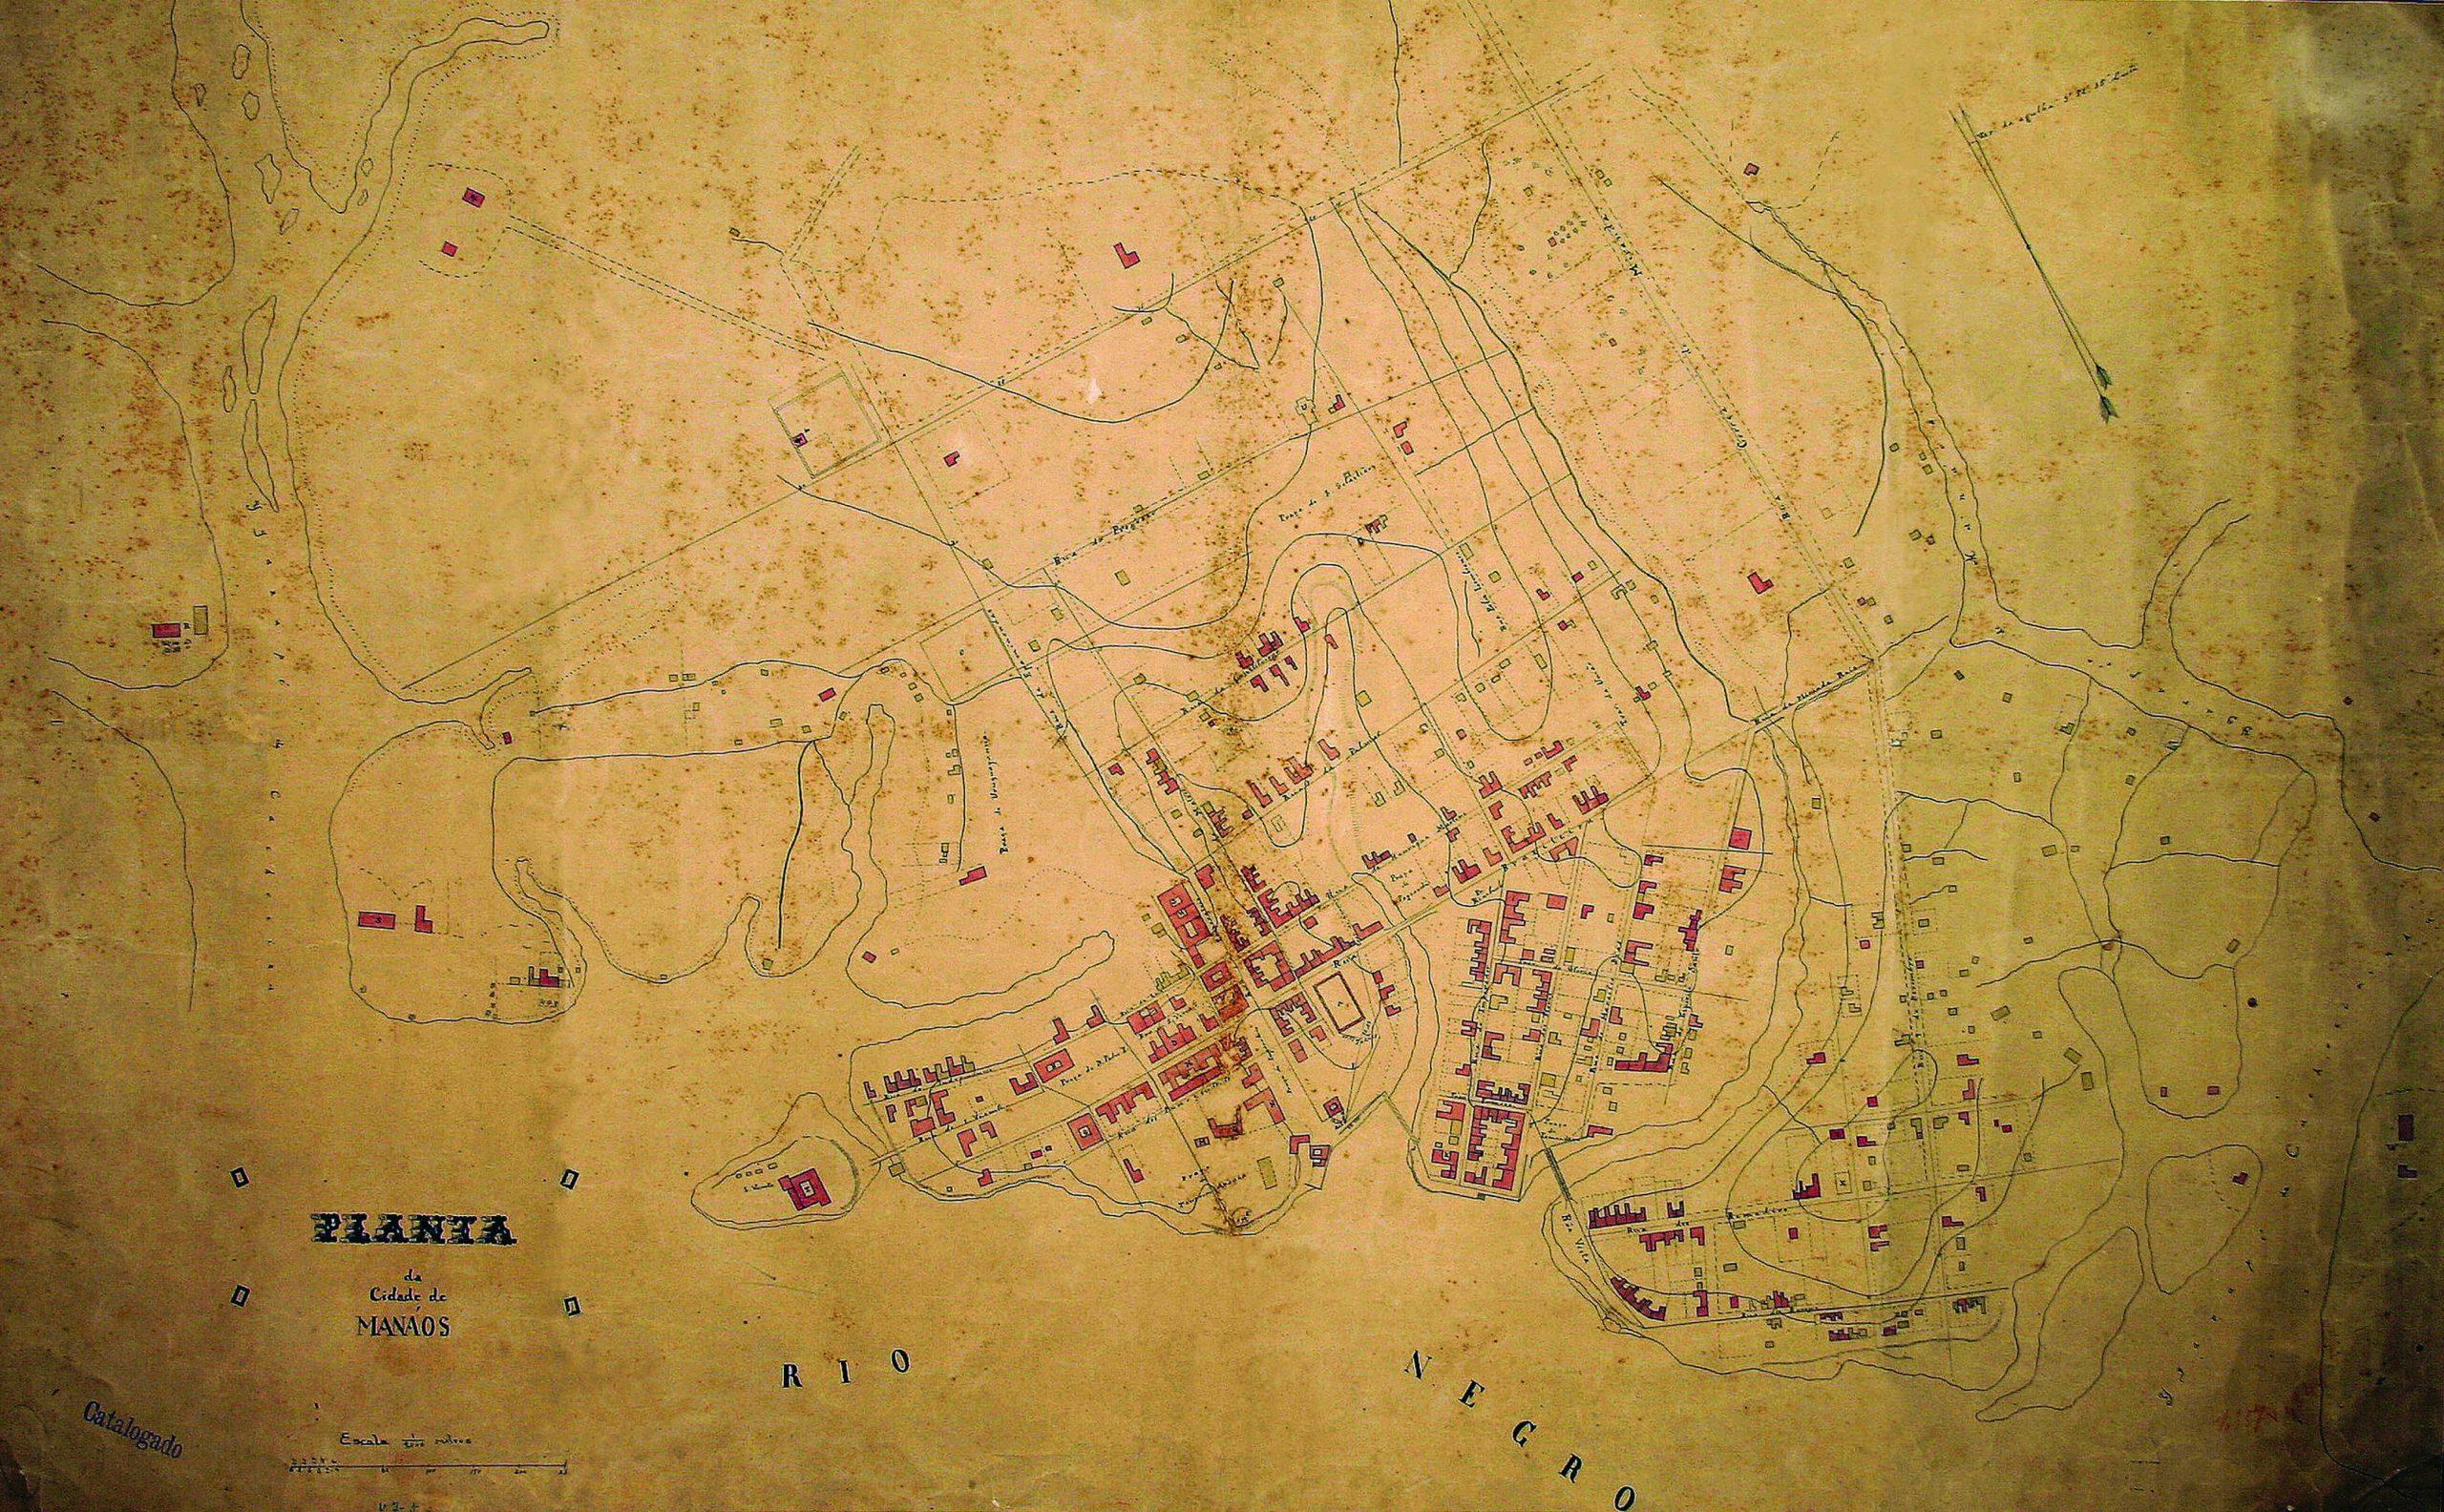 Planta da Cidade de Manáos de 1879